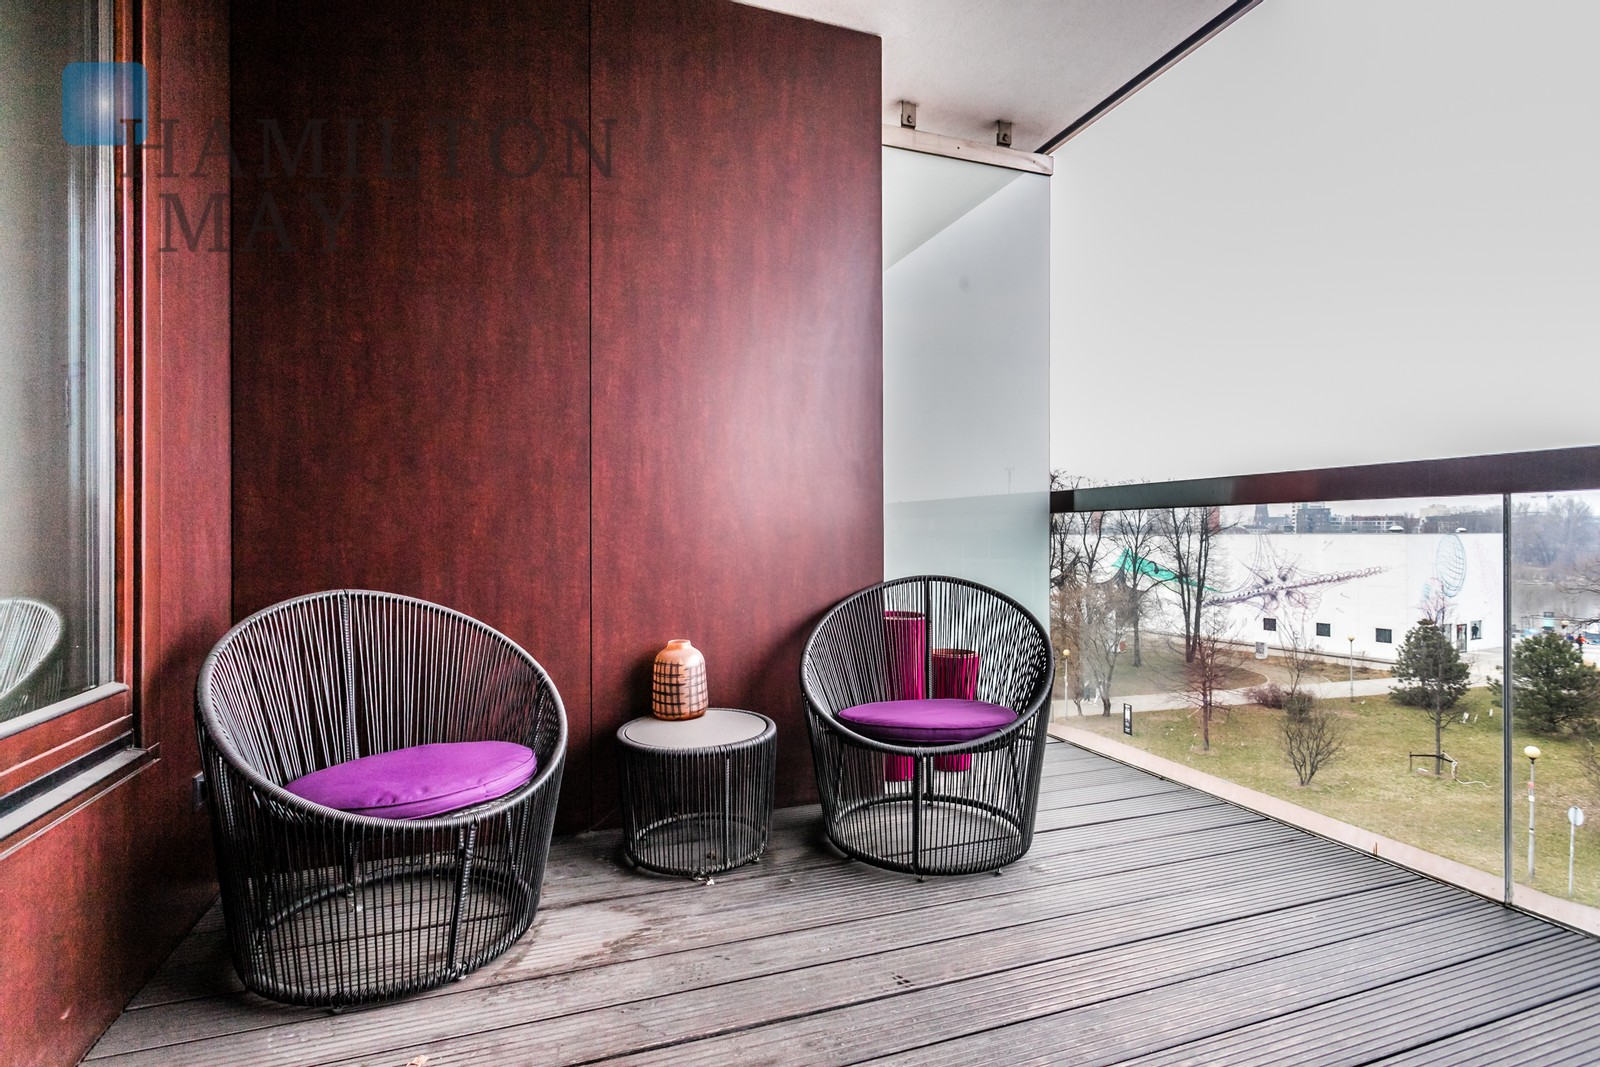 Nowoczesny apartament z widokiem na Wisłę przy Centrum Kopernika Warszawa na wynajem